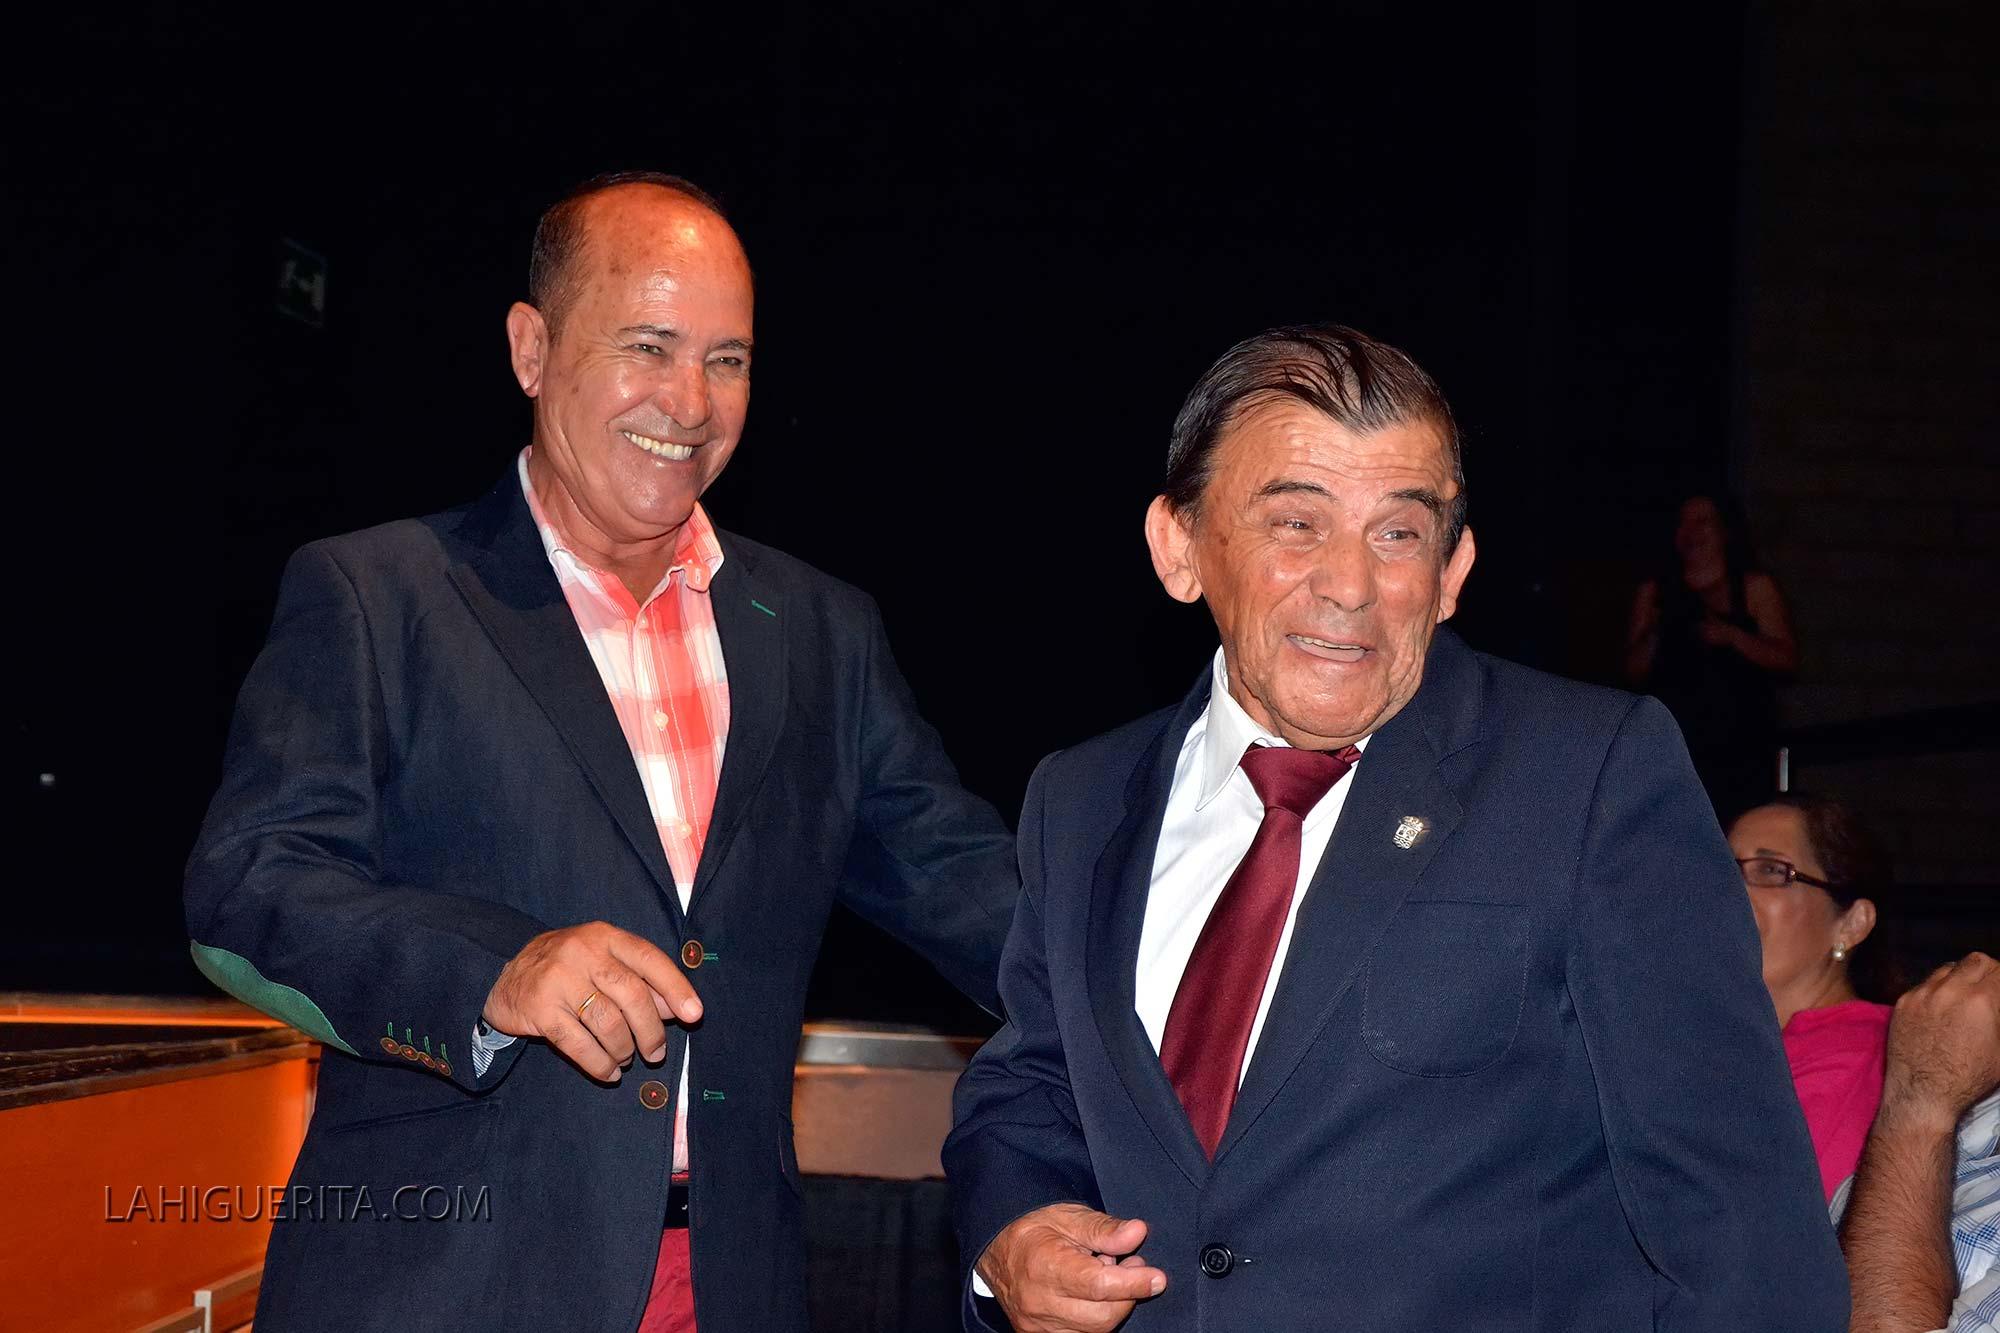 Augusto Thassio Joaquin Pantiga  _DSC7591